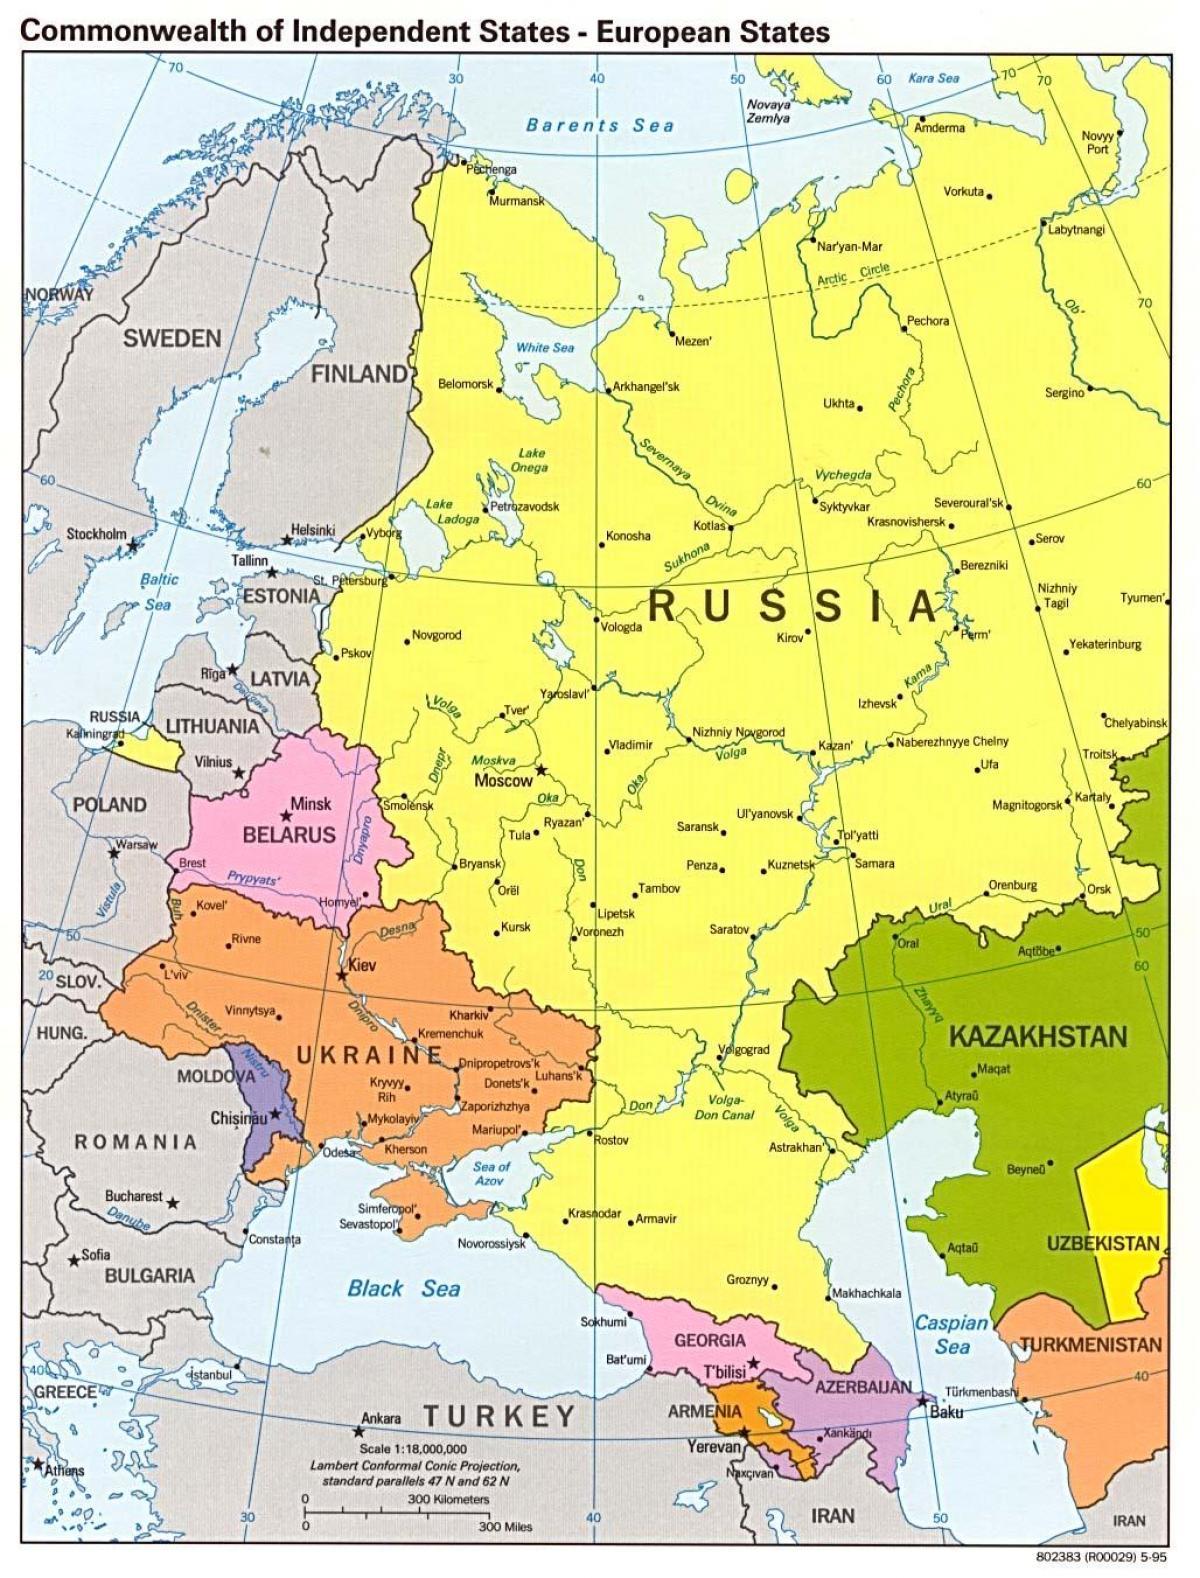 Vest Russland Kart Kart Over Vest Russland Ost Europa Europa